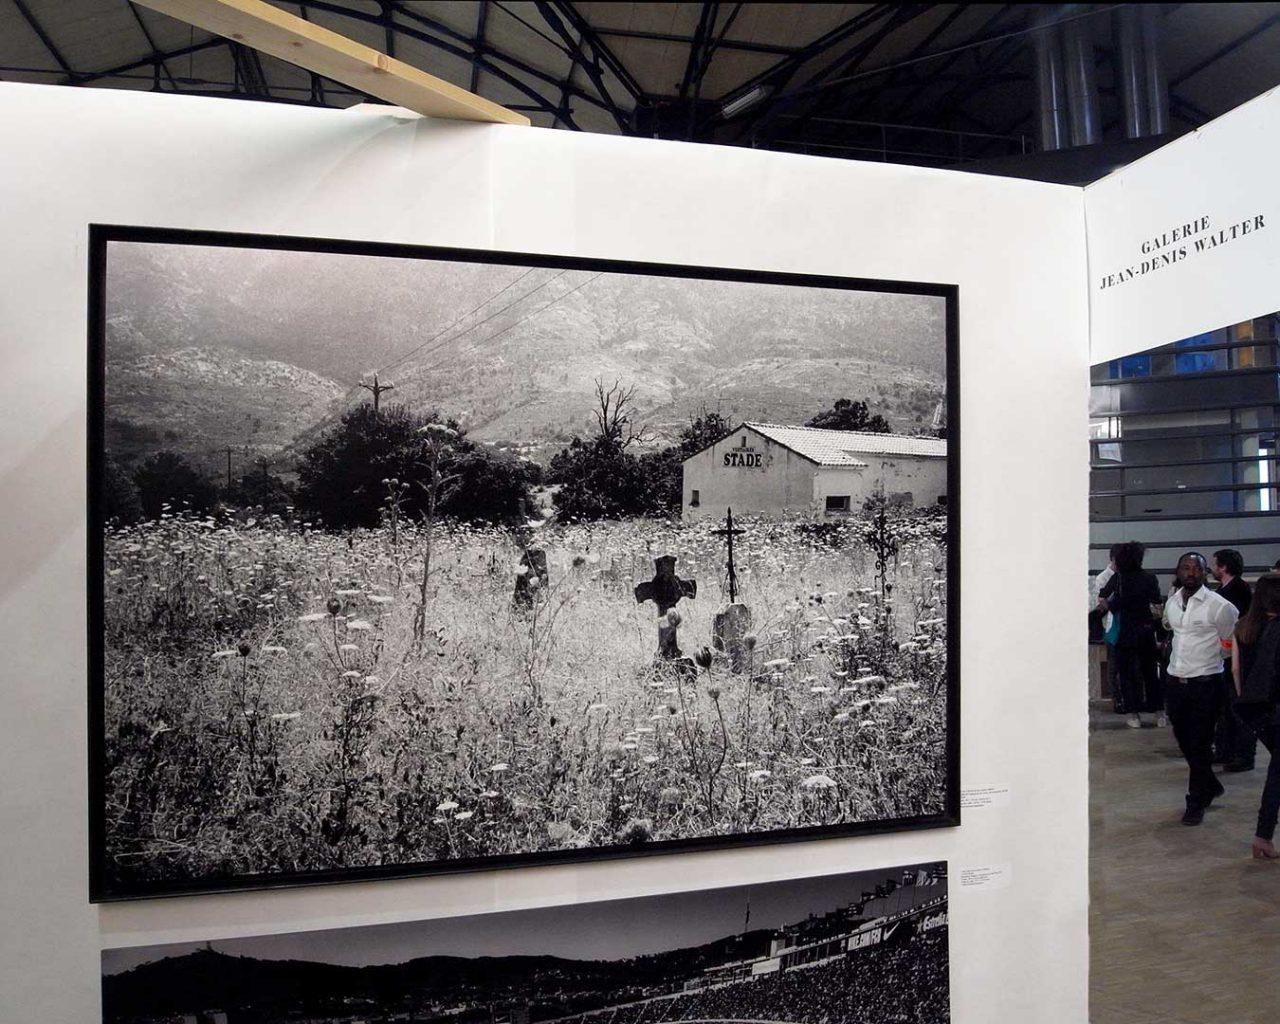 """""""Calacuccia"""", HISTOIRES, PHOTODOC ArtFair, JeanDenis Walter Gallery, Paris, France, 2018"""